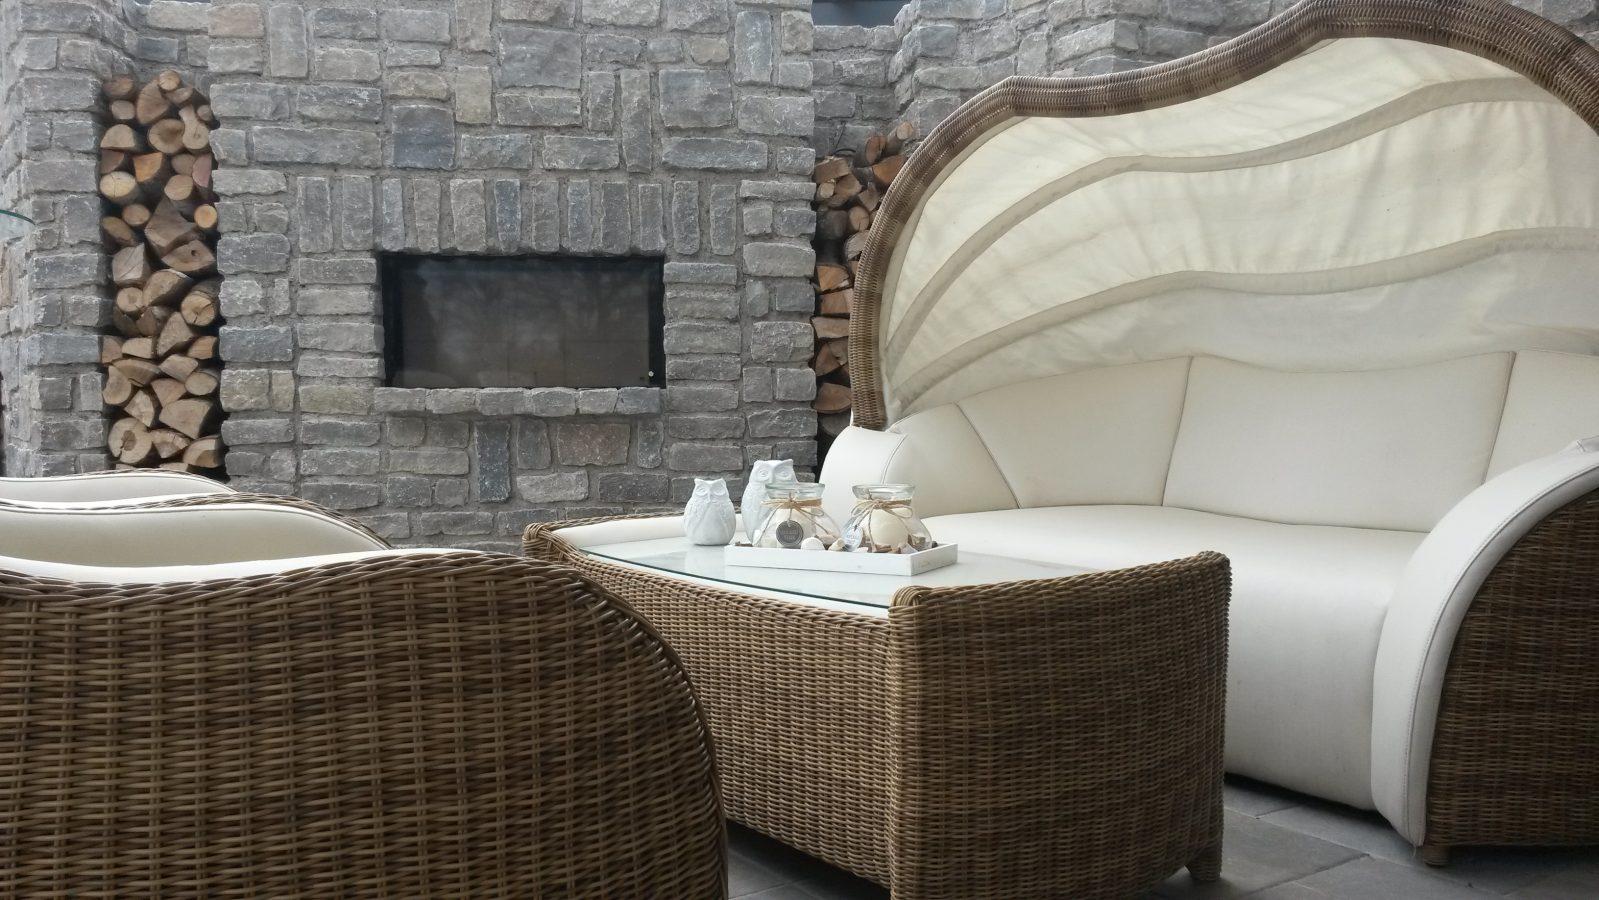 Sitzecke mit Feuerstelle Outdoormöbel